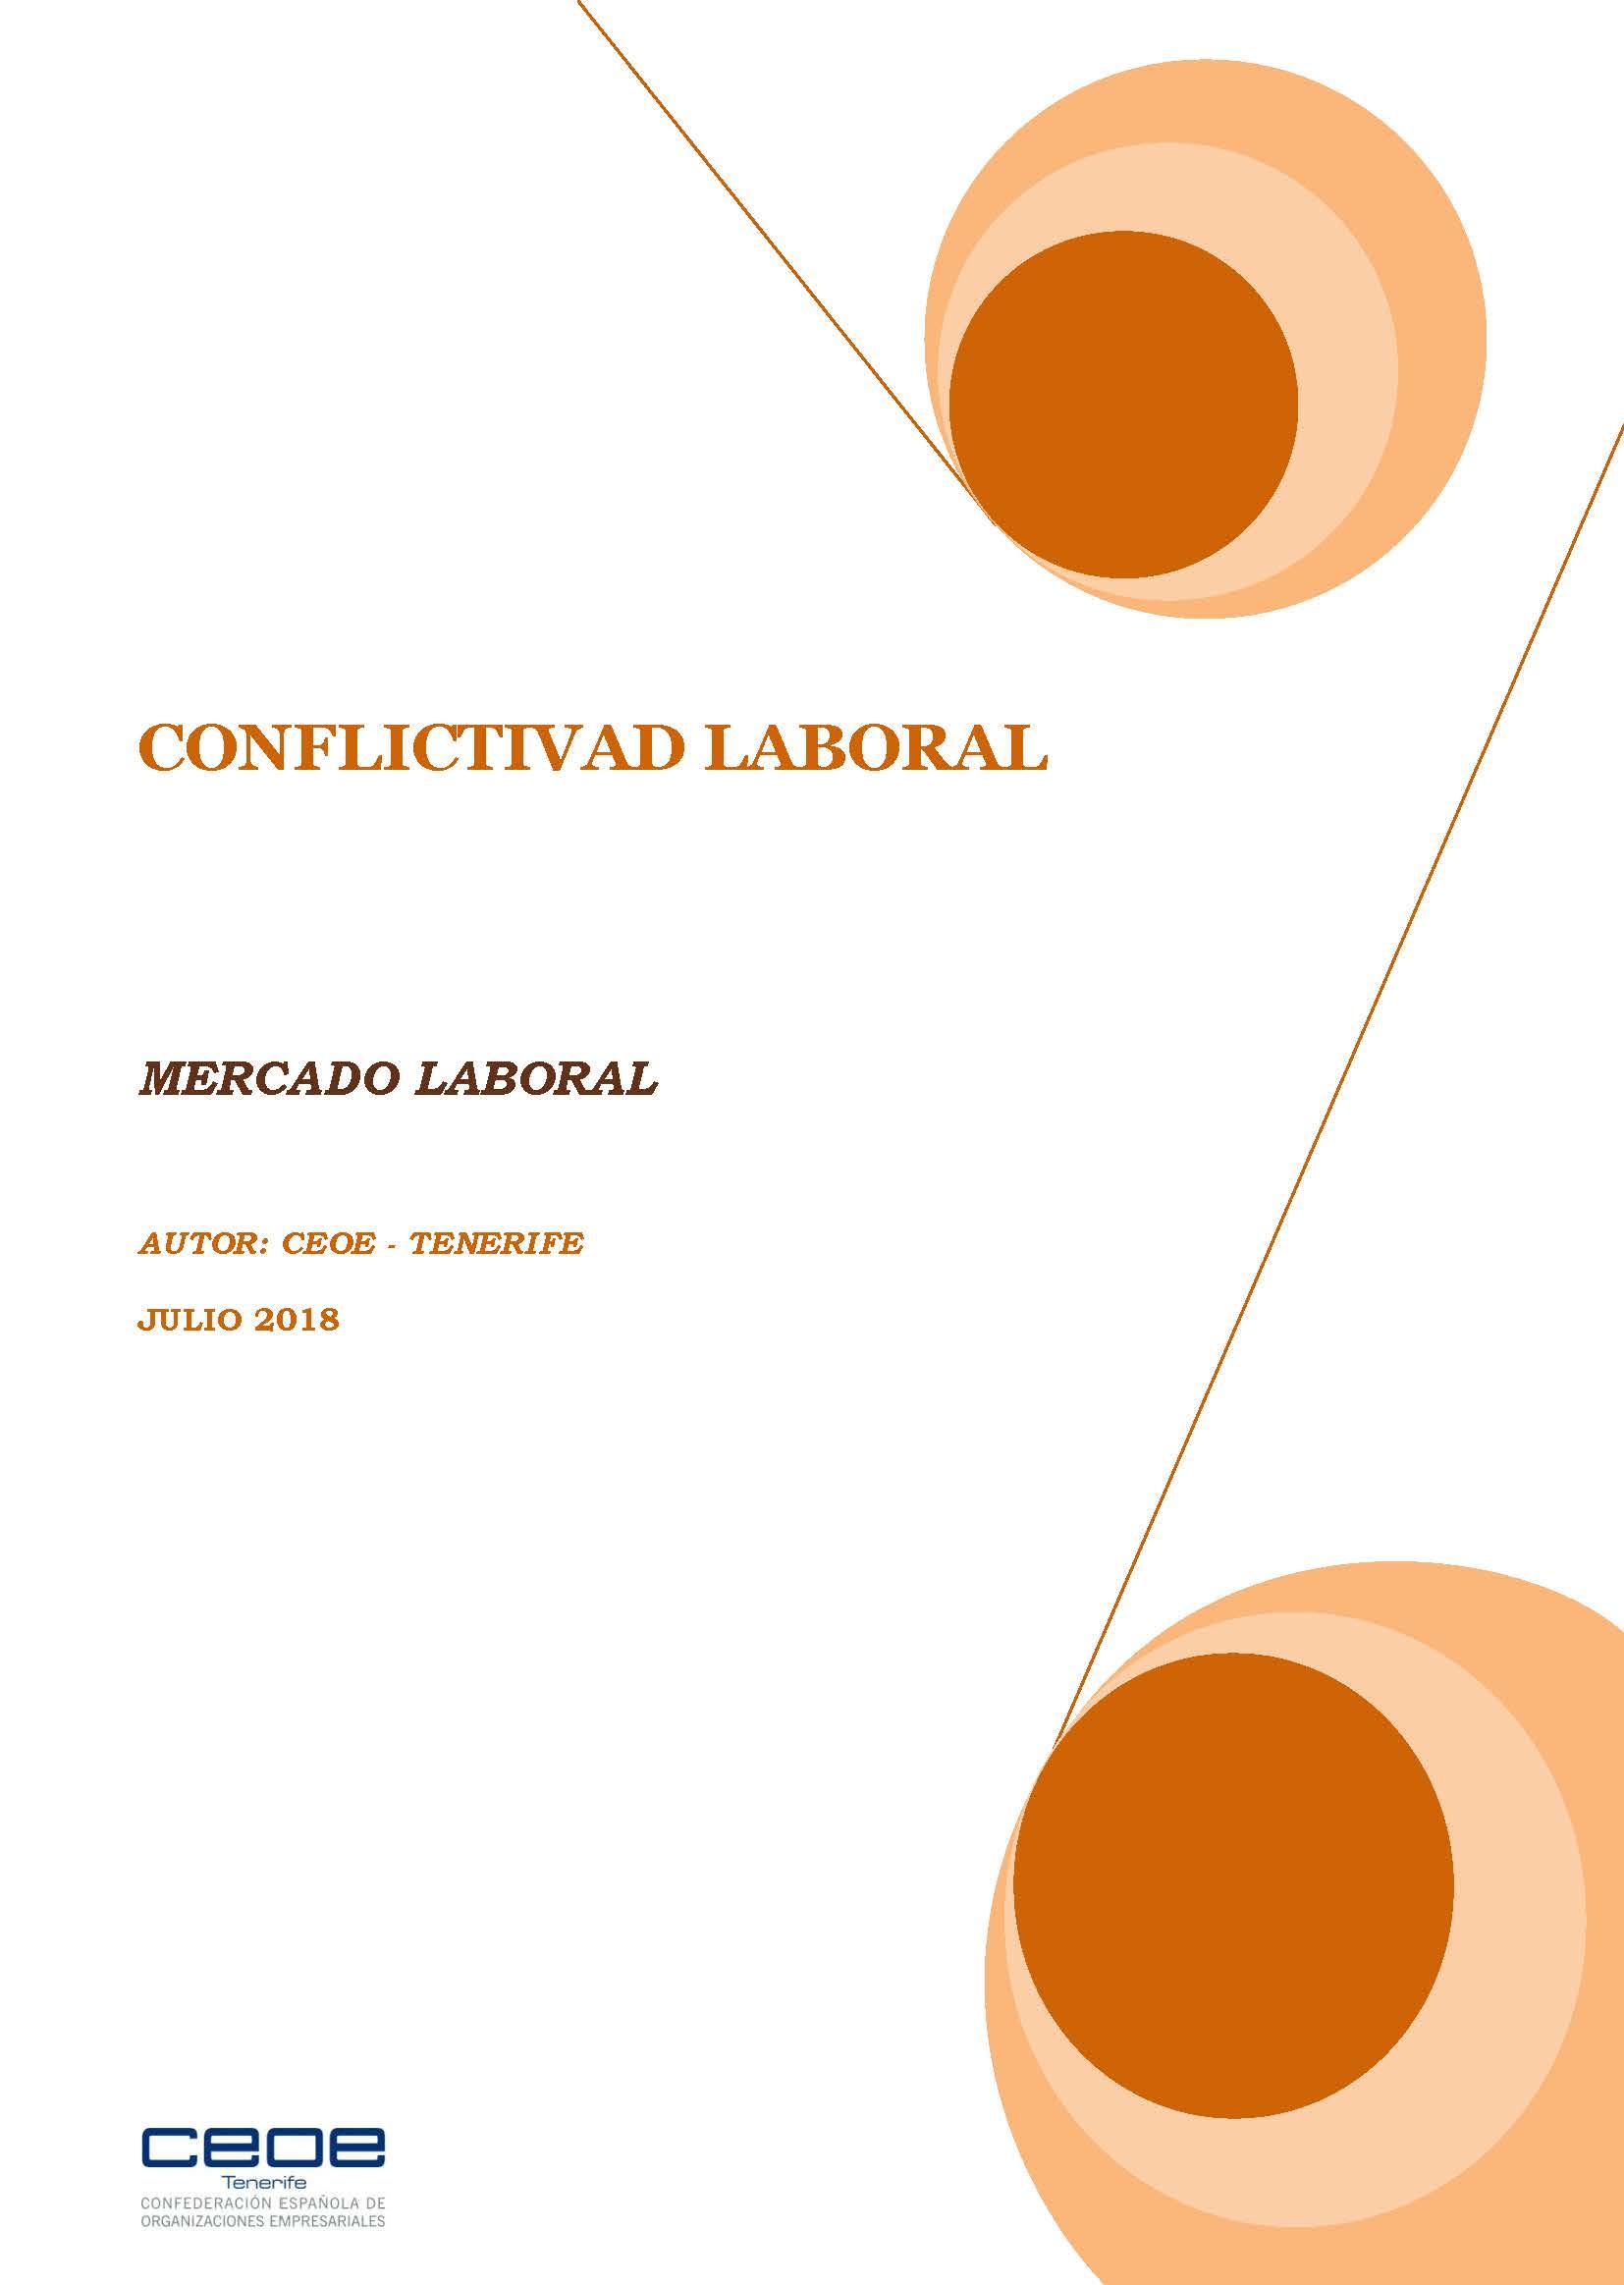 MERCADO LABORAL - CONFLICTIVIDAD LABORAL JULIO 2018